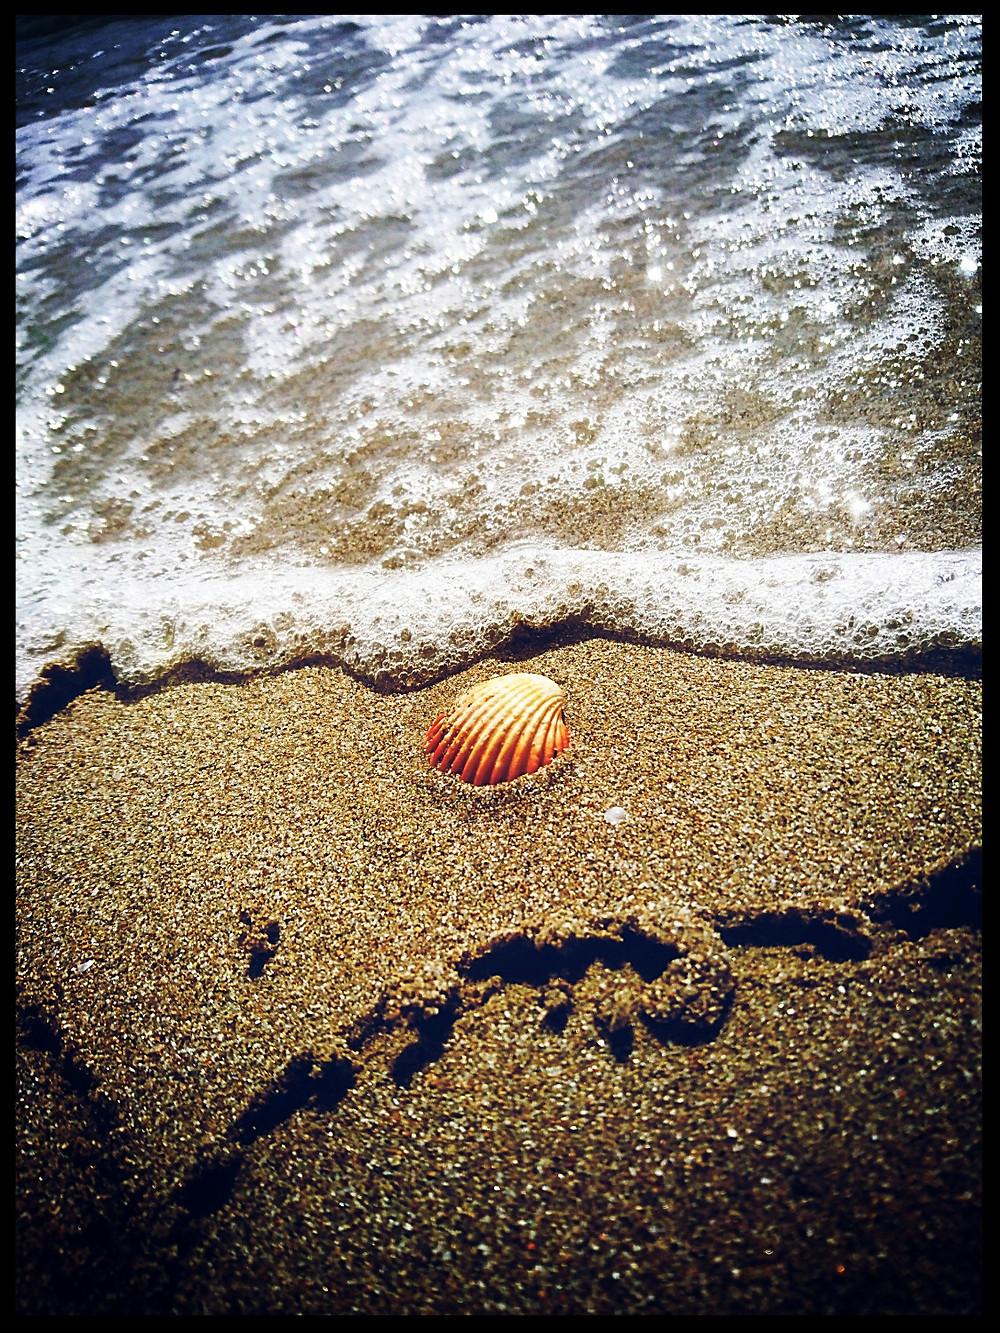 Summer Heart - Photo credits Mary Samou